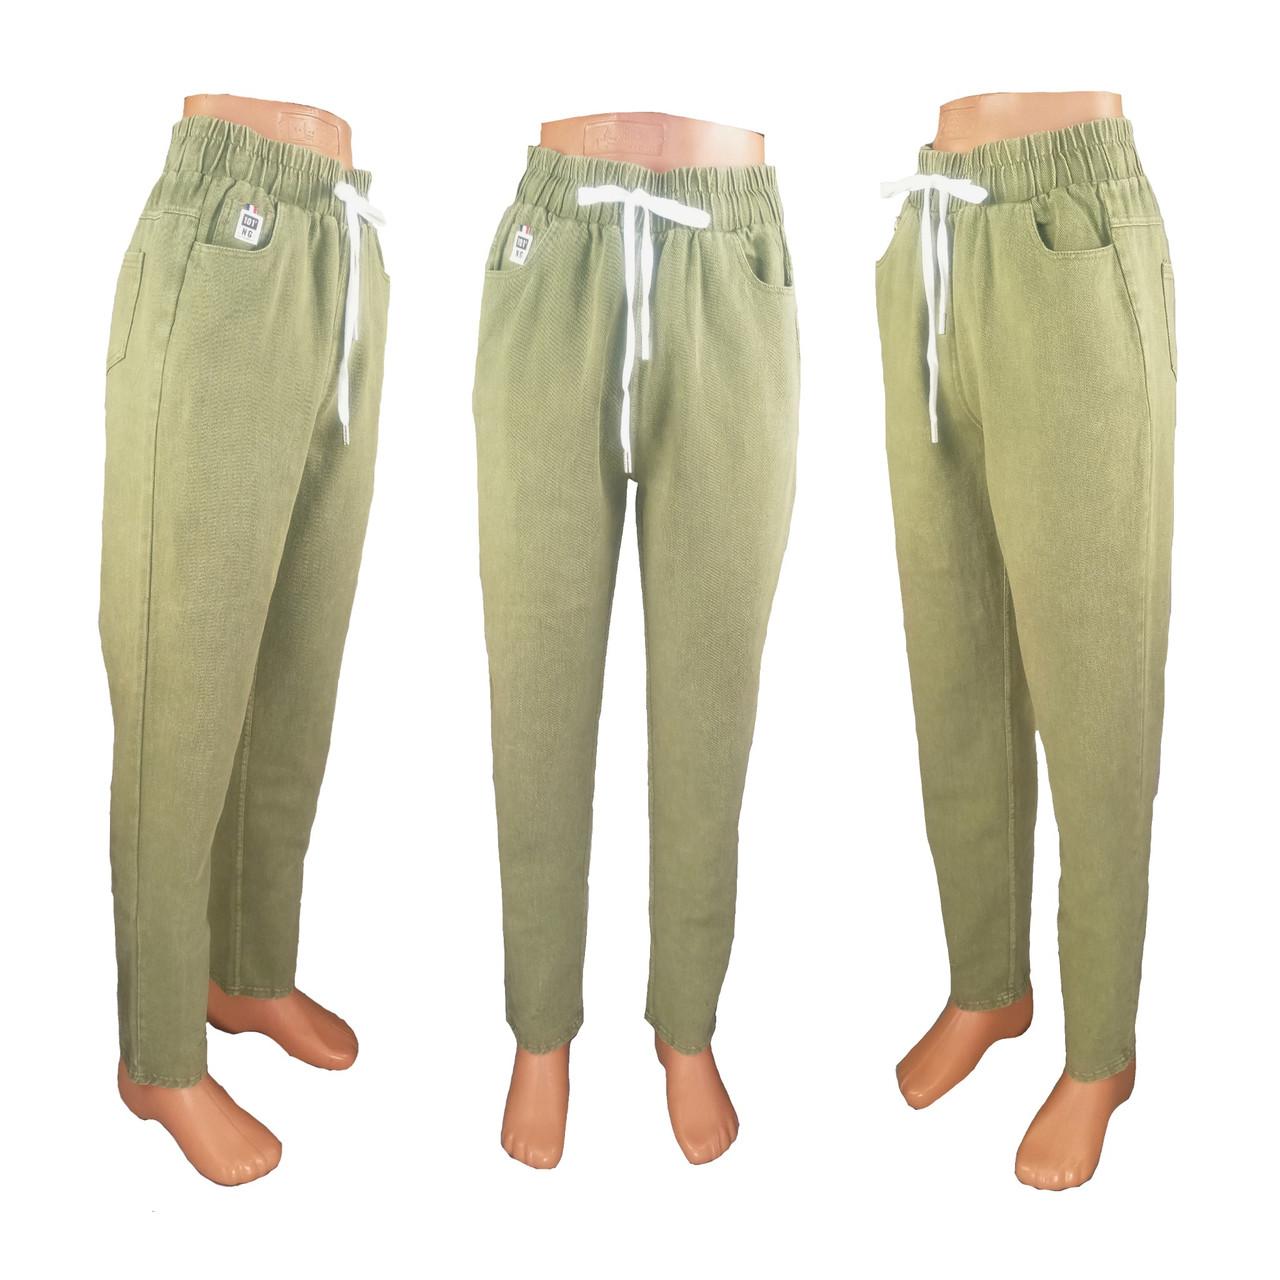 Модные джеггинсы яркие красочные с высокой посадкой на шнуровке на размер S/M-40 зеленый